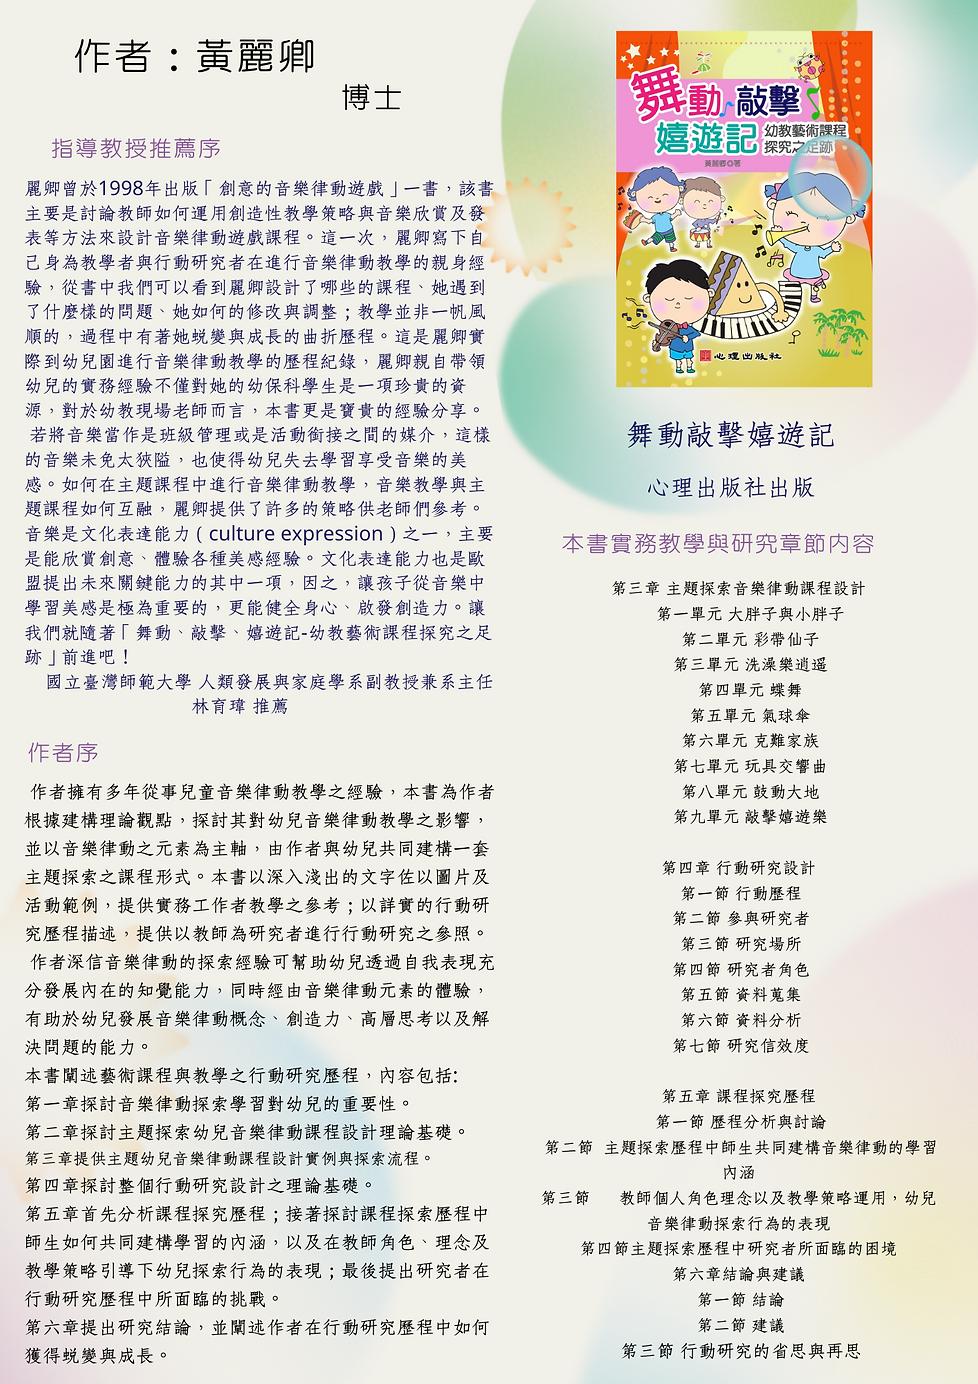 黃麗卿的履歷 p.3.png